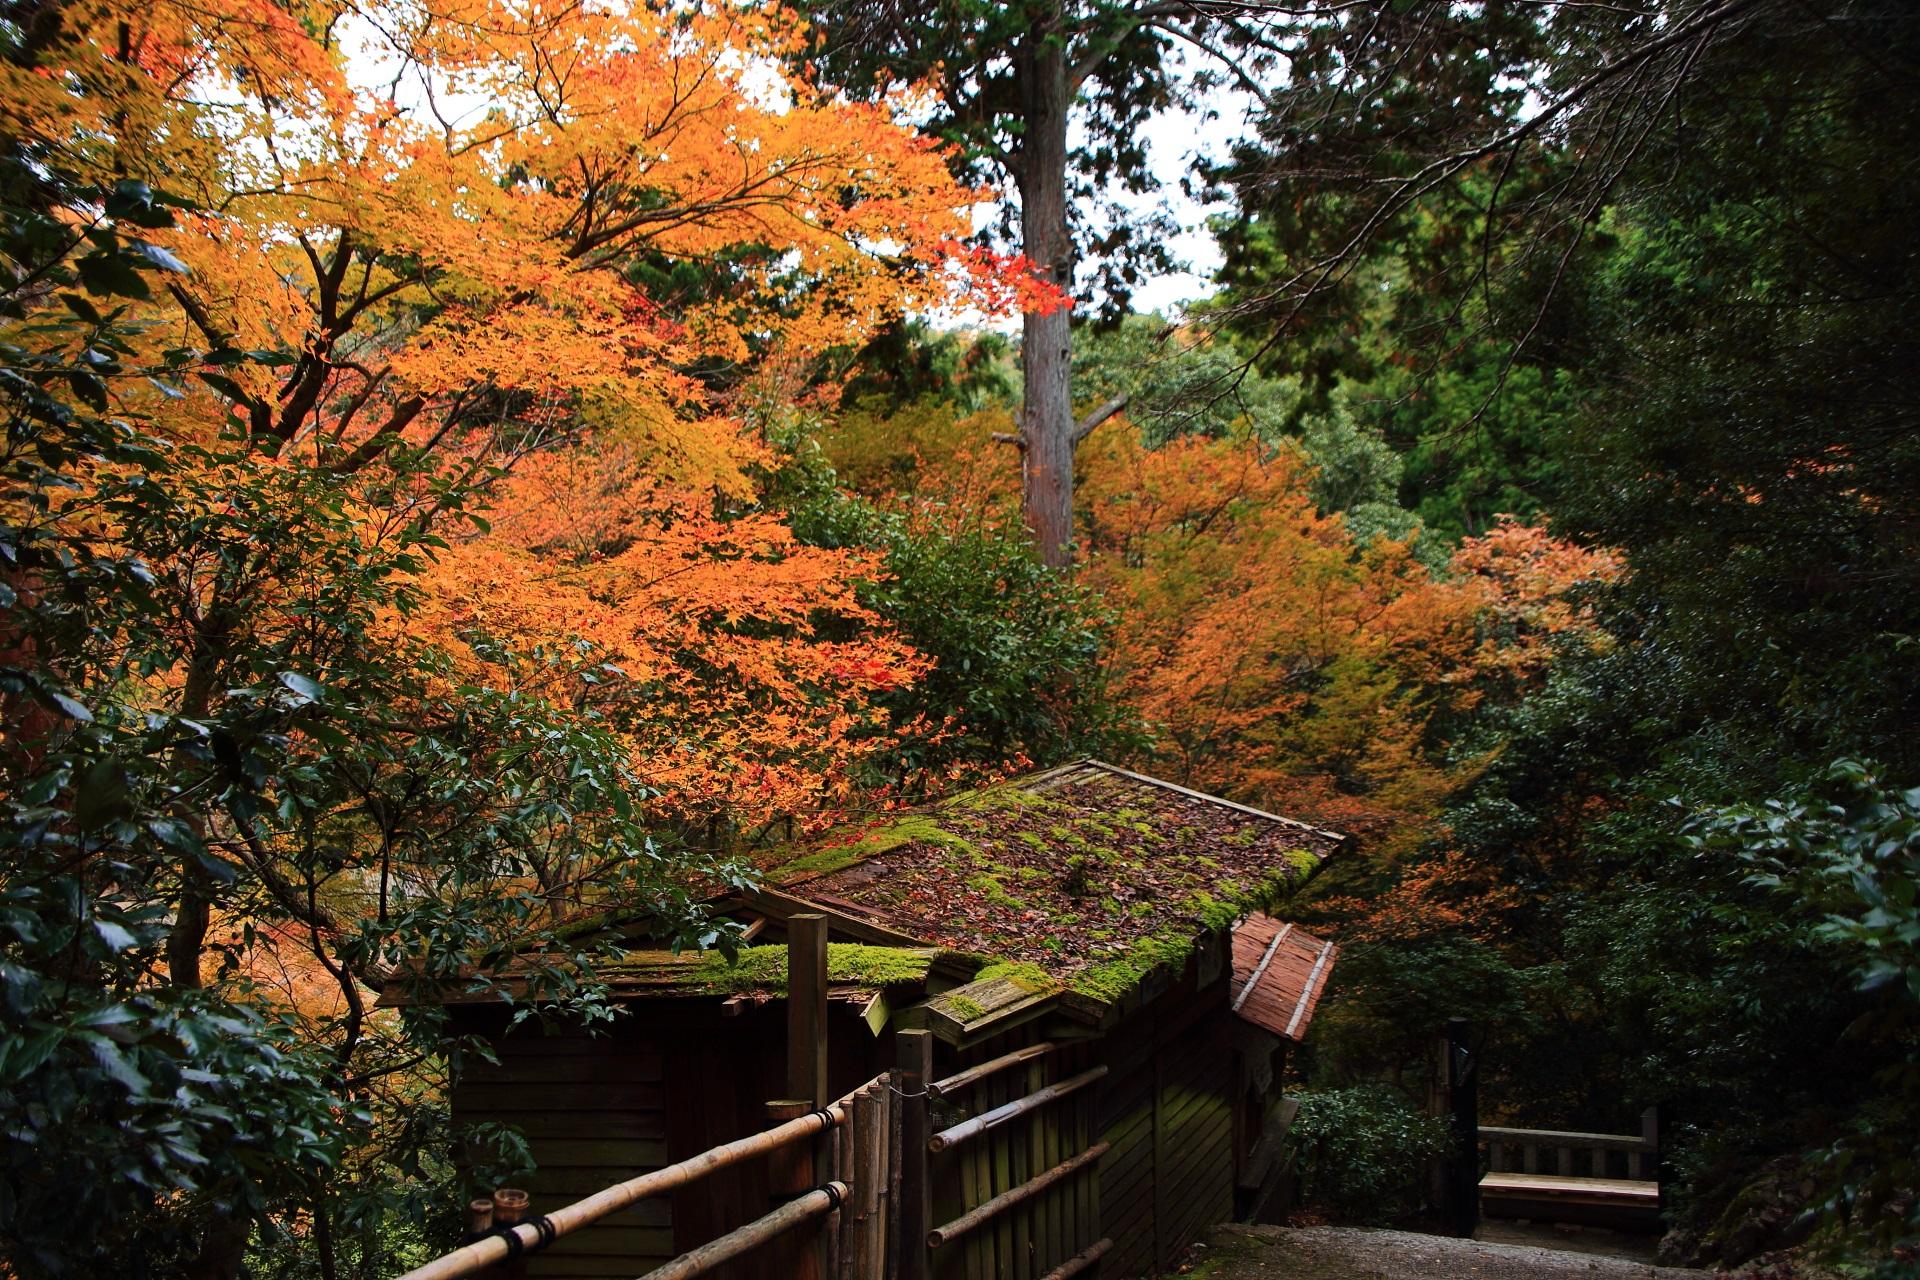 嵐山の風情ある参道を彩る紅葉